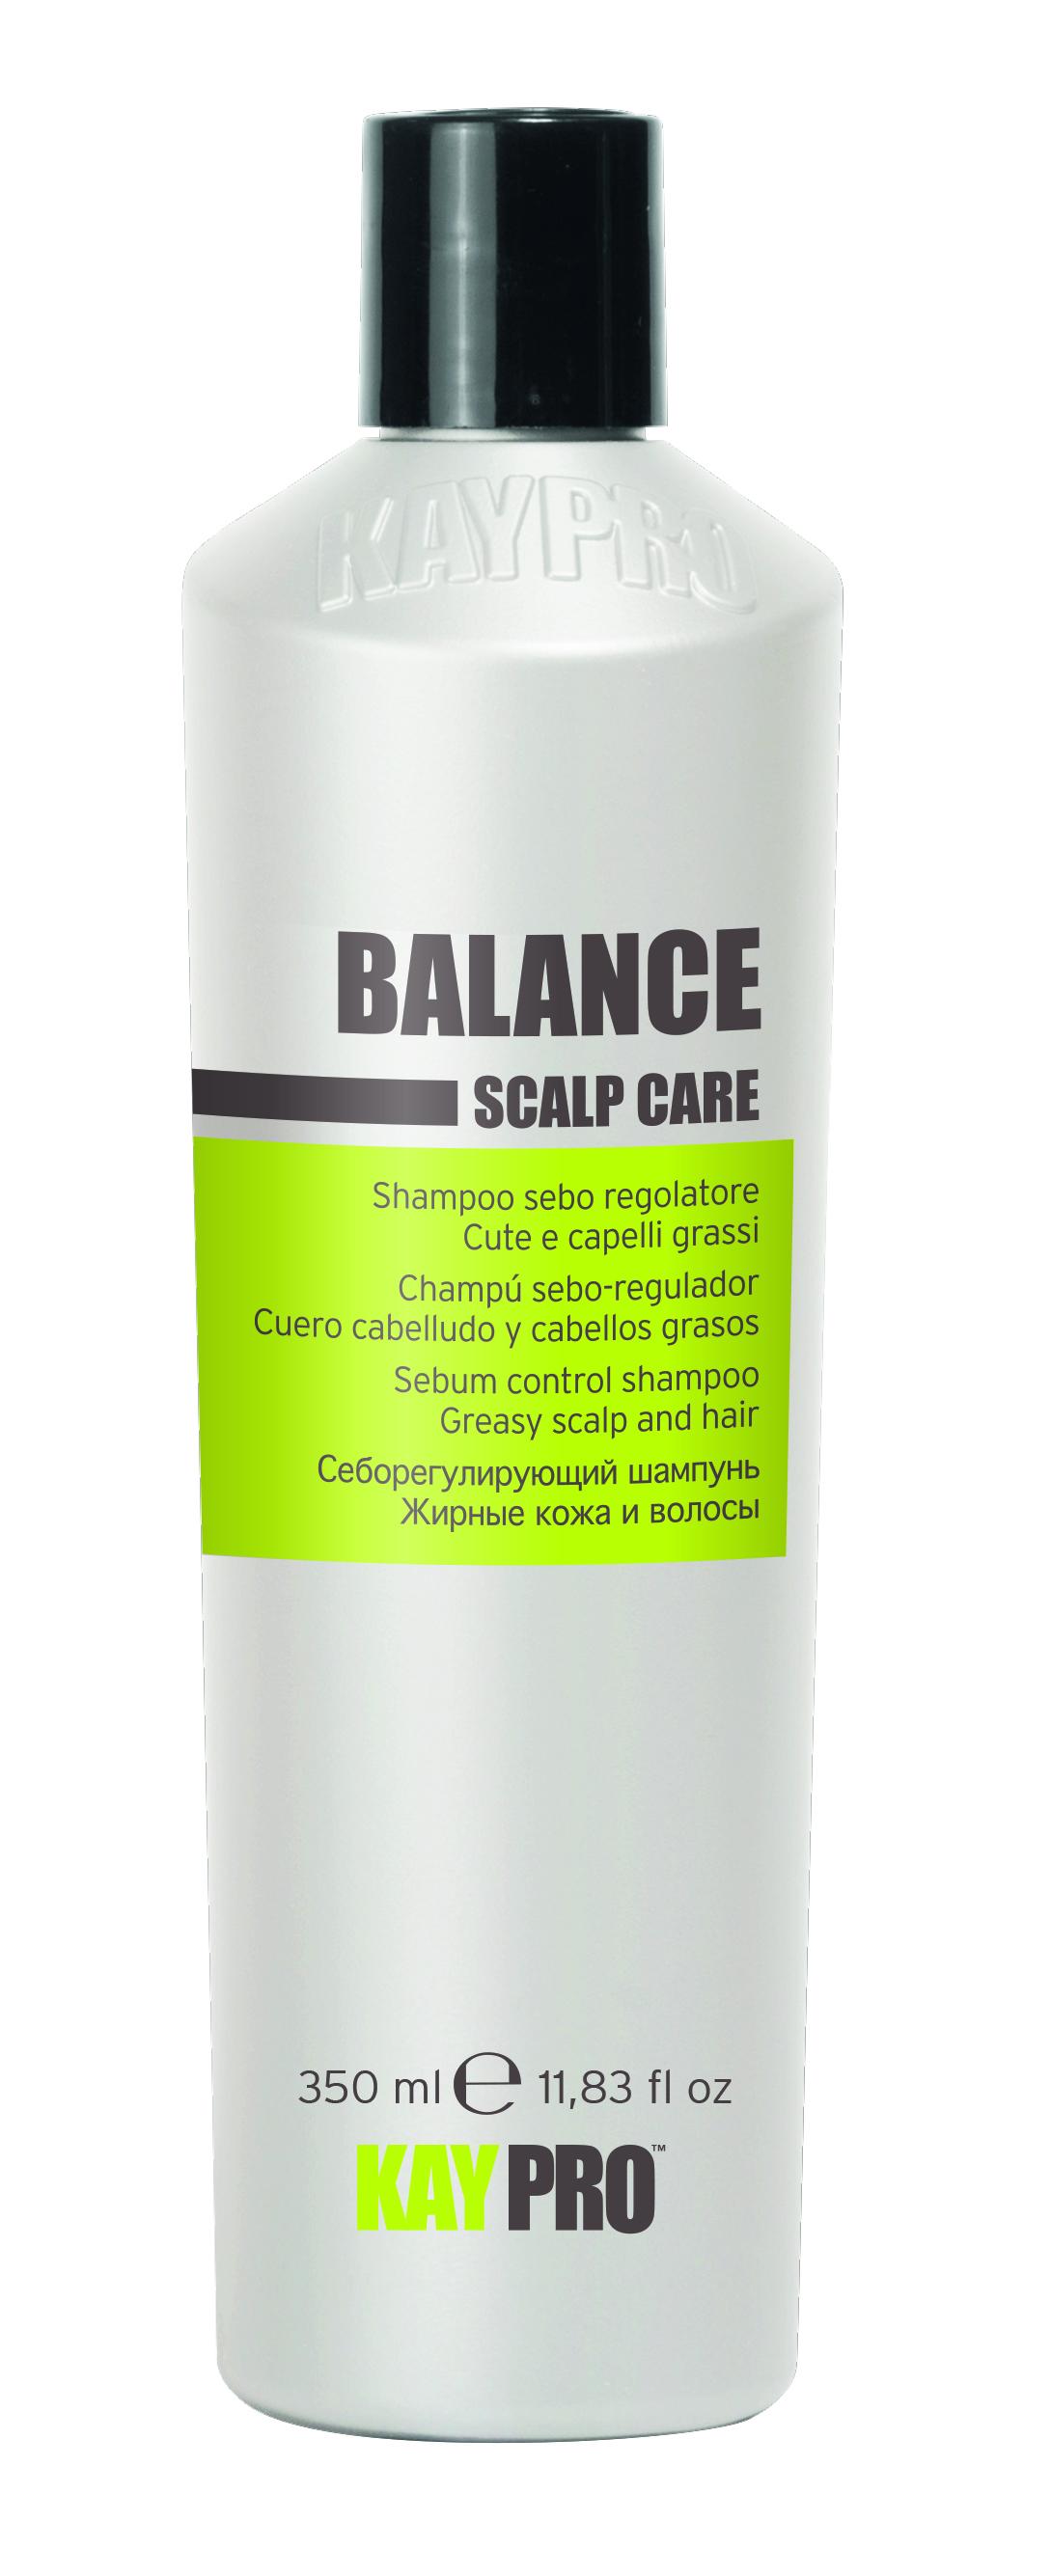 Купить KAYPRO Шампунь себорегулирующий для жирных волос 350 мл